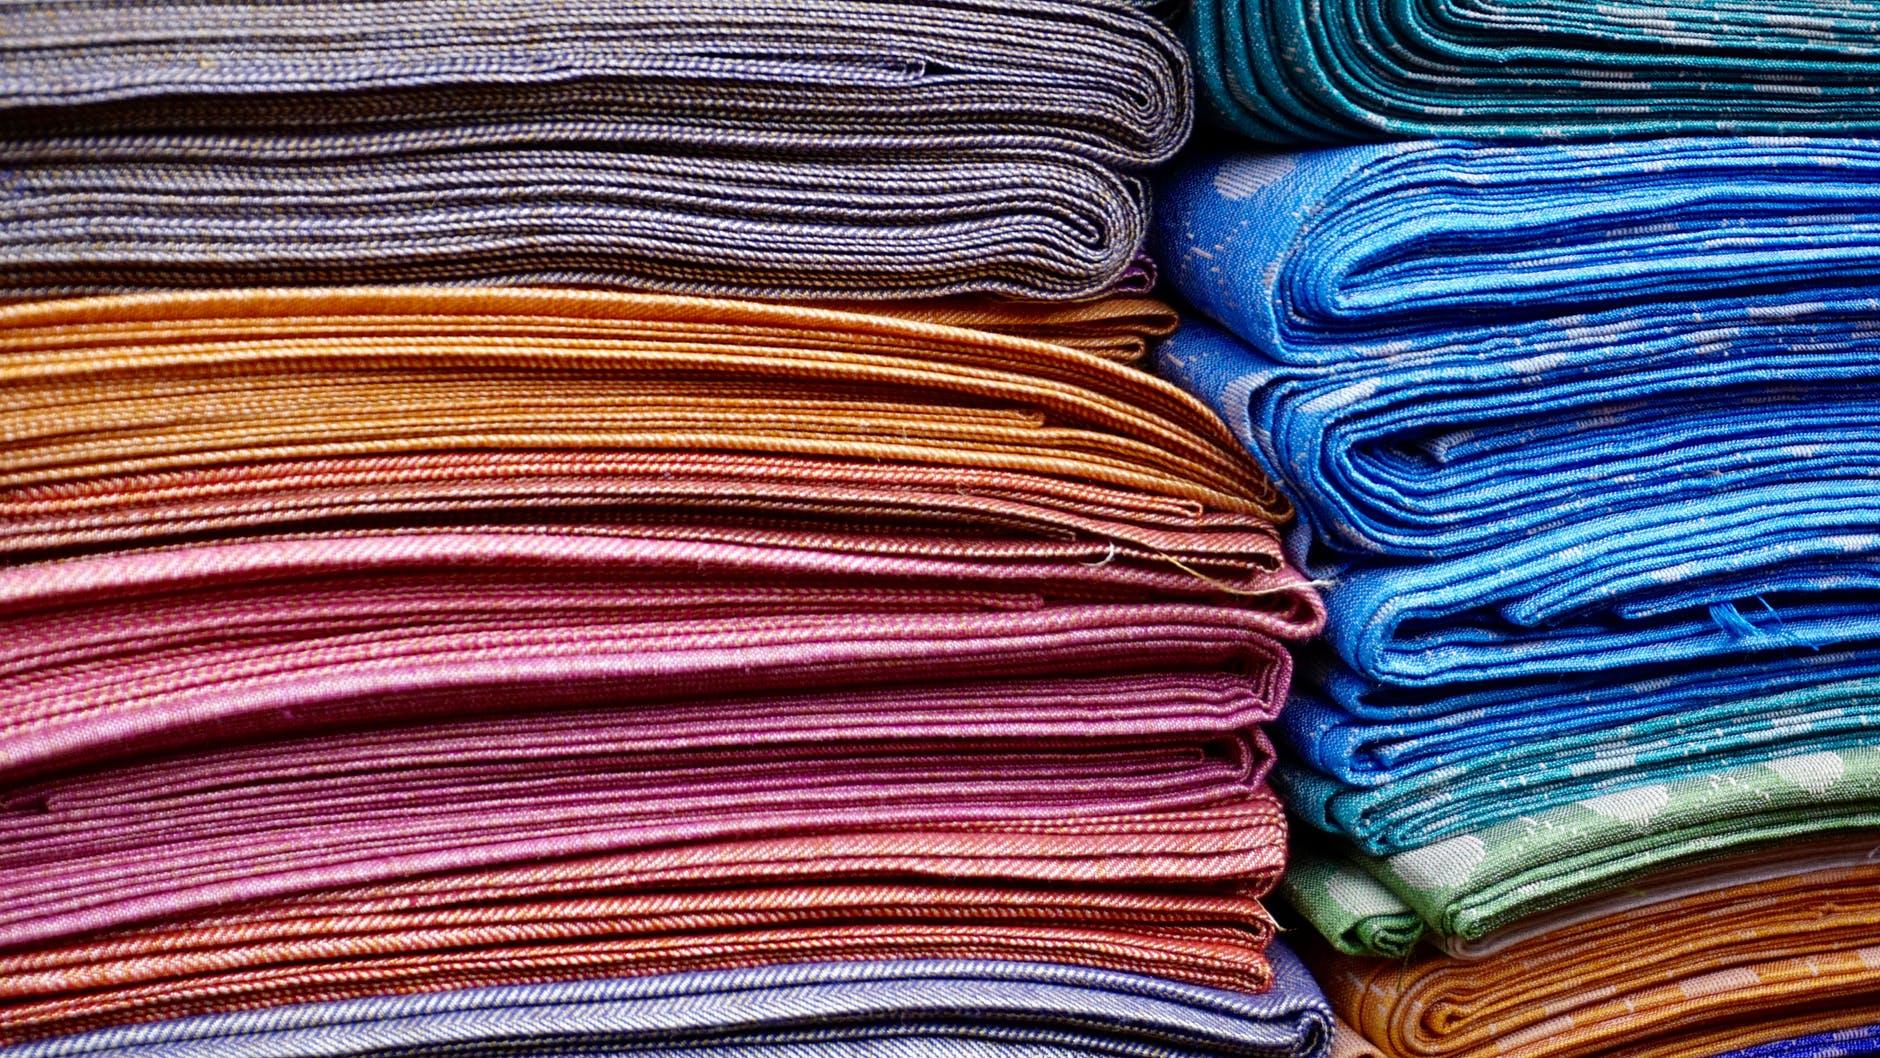 Čeští vědci testují látku, která dobije elektroniku v oděvech